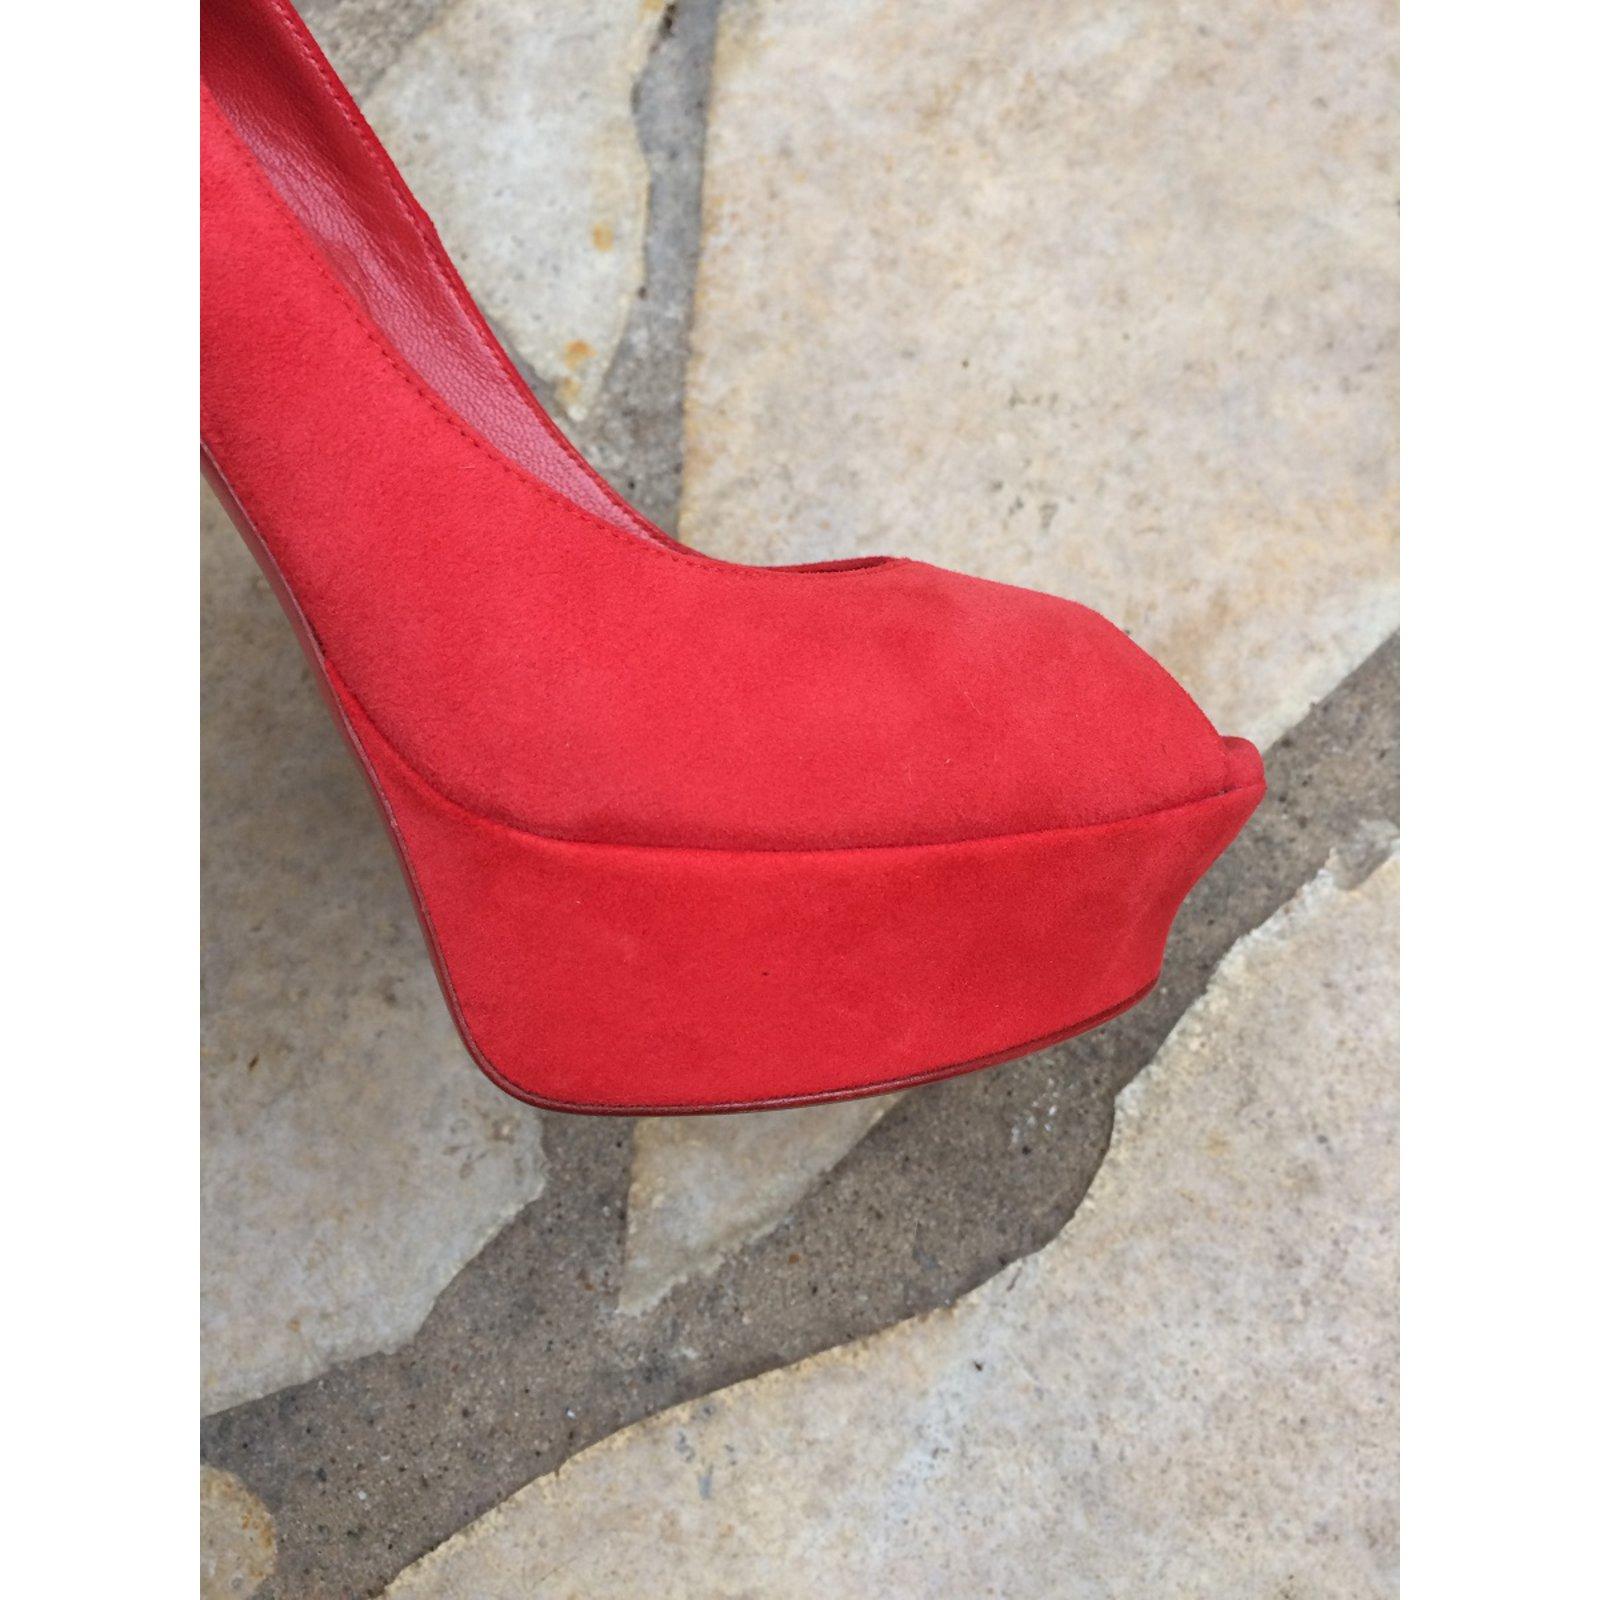 08154f8e81f0c Yves Saint Laurent Heels Heels Leather Red ref.49702 - Joli Closet